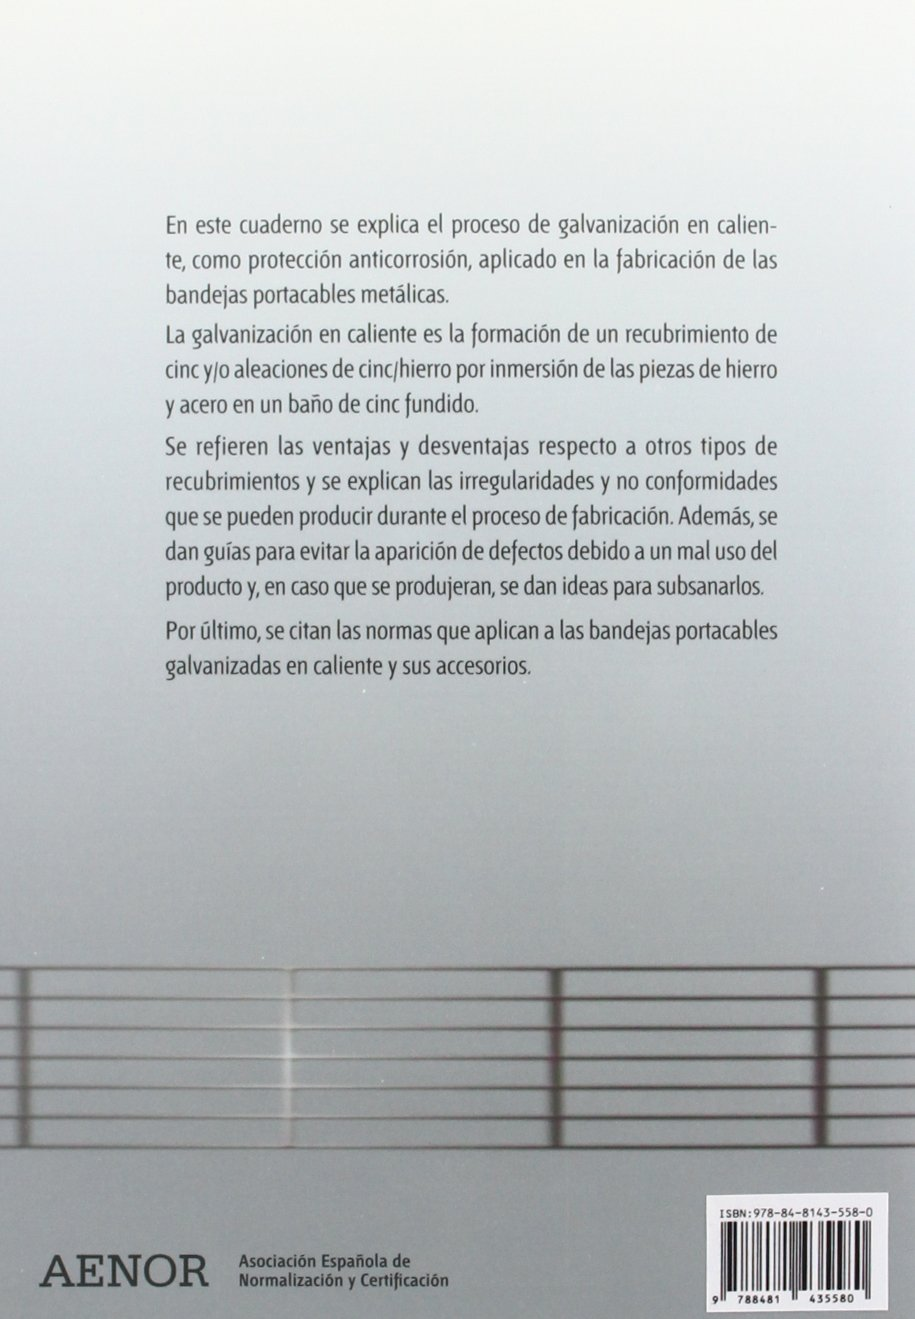 Bandejas portacables metálicas galvanizadas en caliente: Amazon.es: AFME (Asociación de fabricantes de material eléctrico): Libros